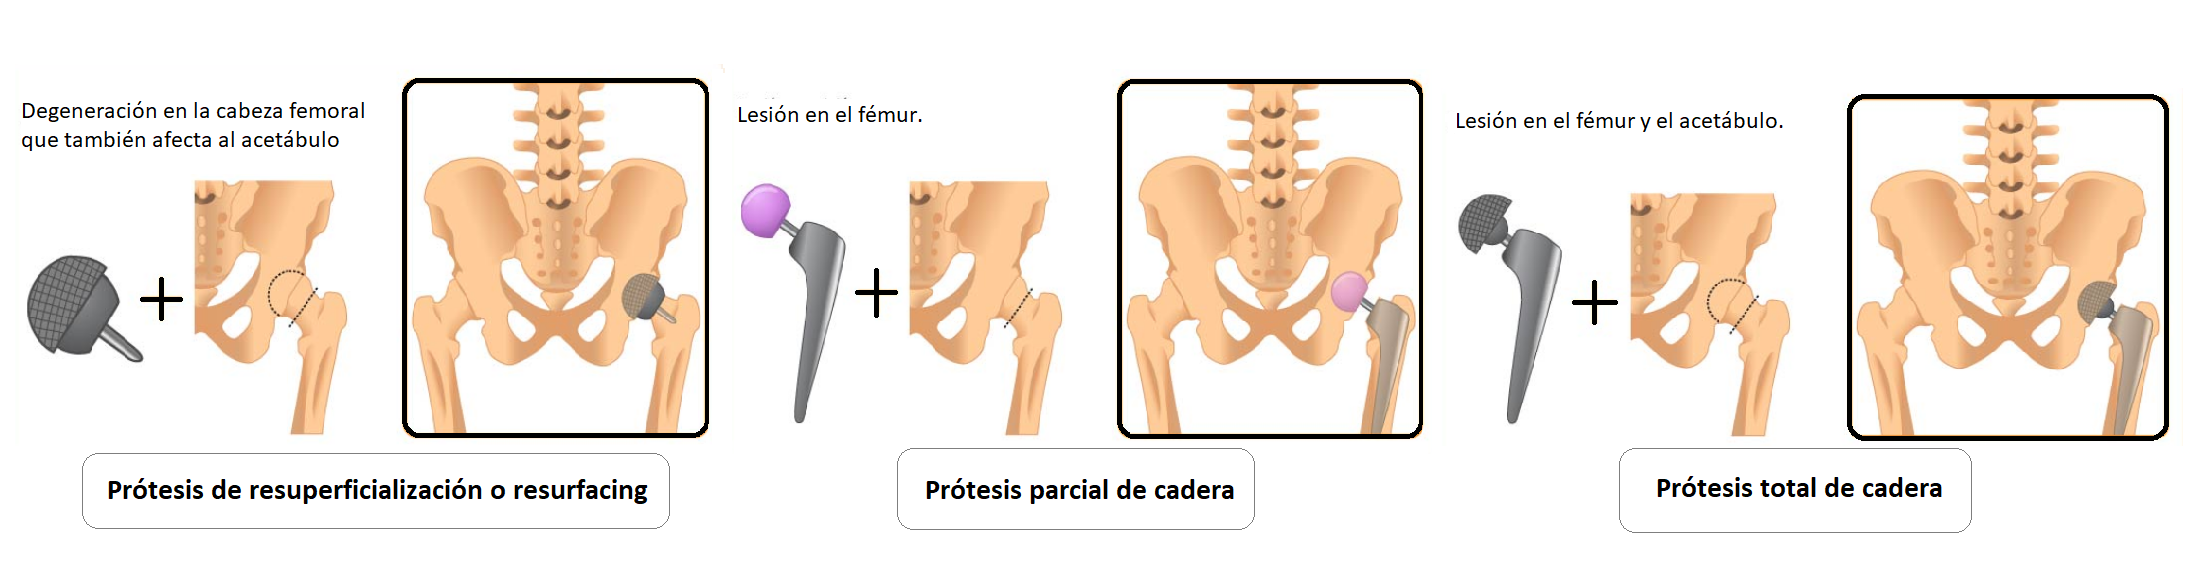 tipos de prótesis de cadera